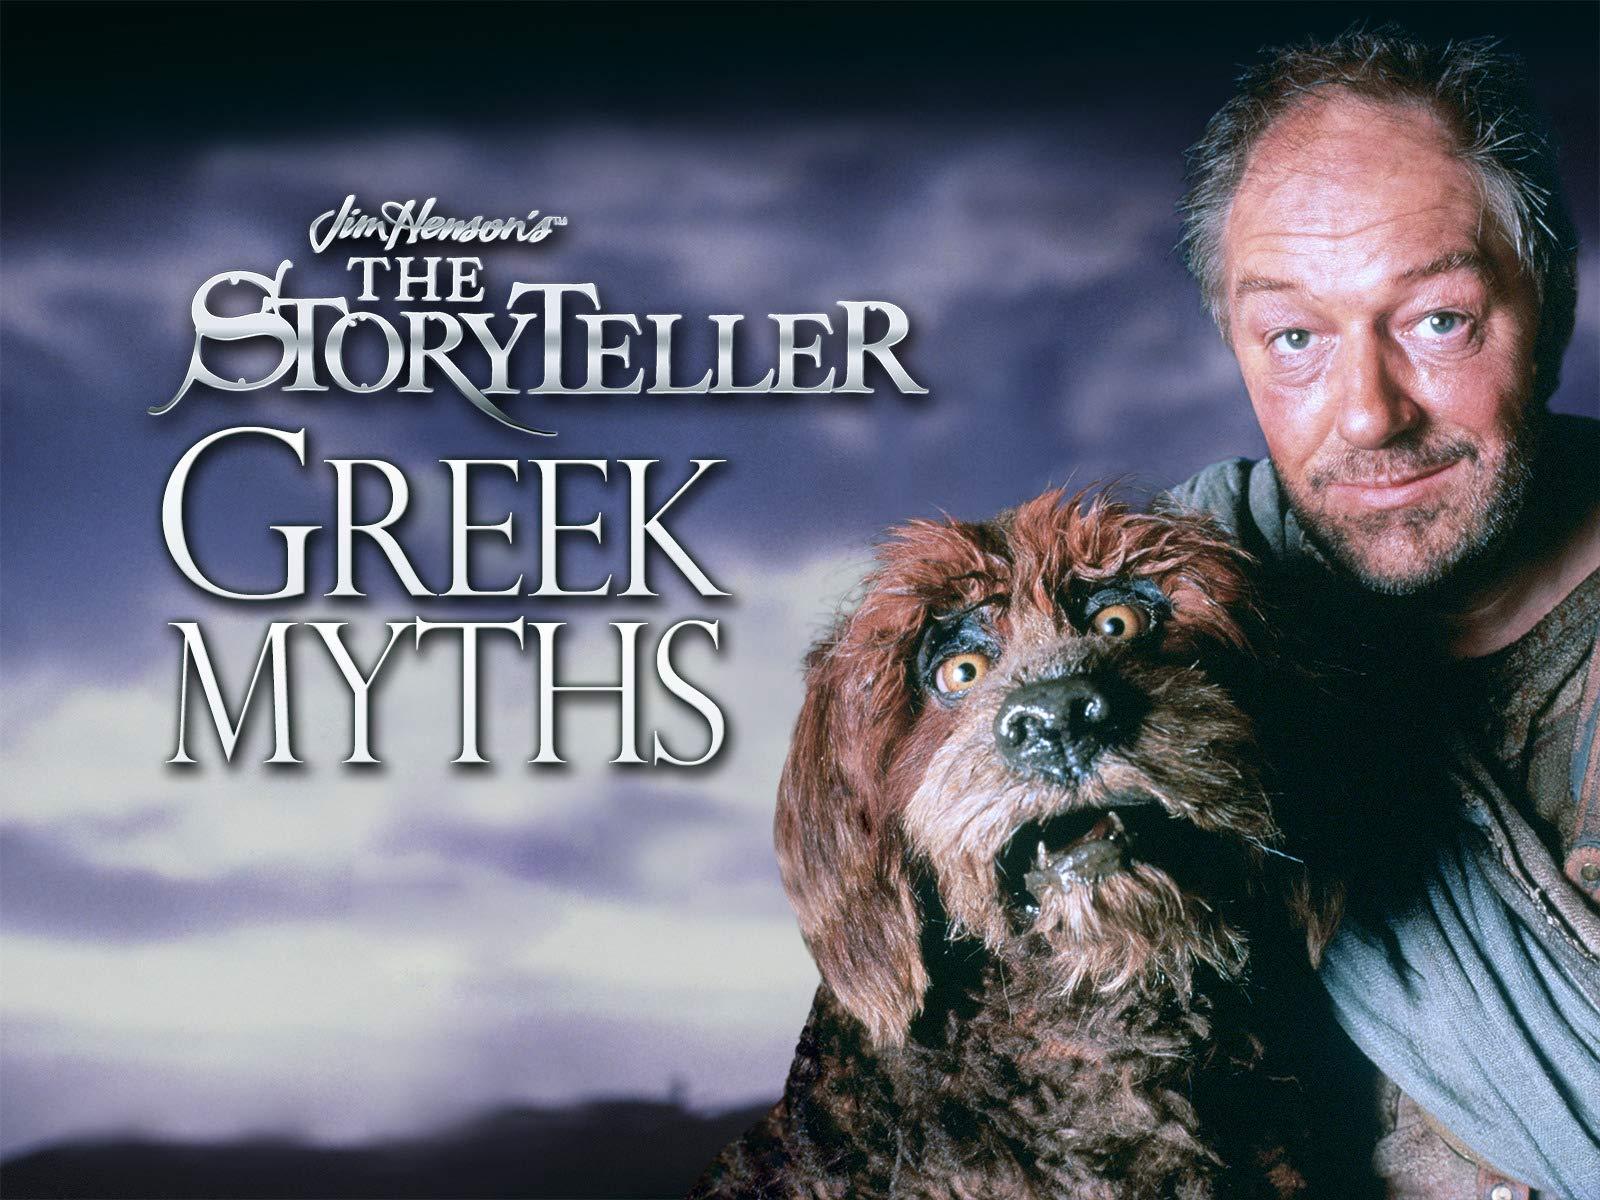 Jim Henson's The Storyteller: Greek Myths on Amazon Prime Video UK